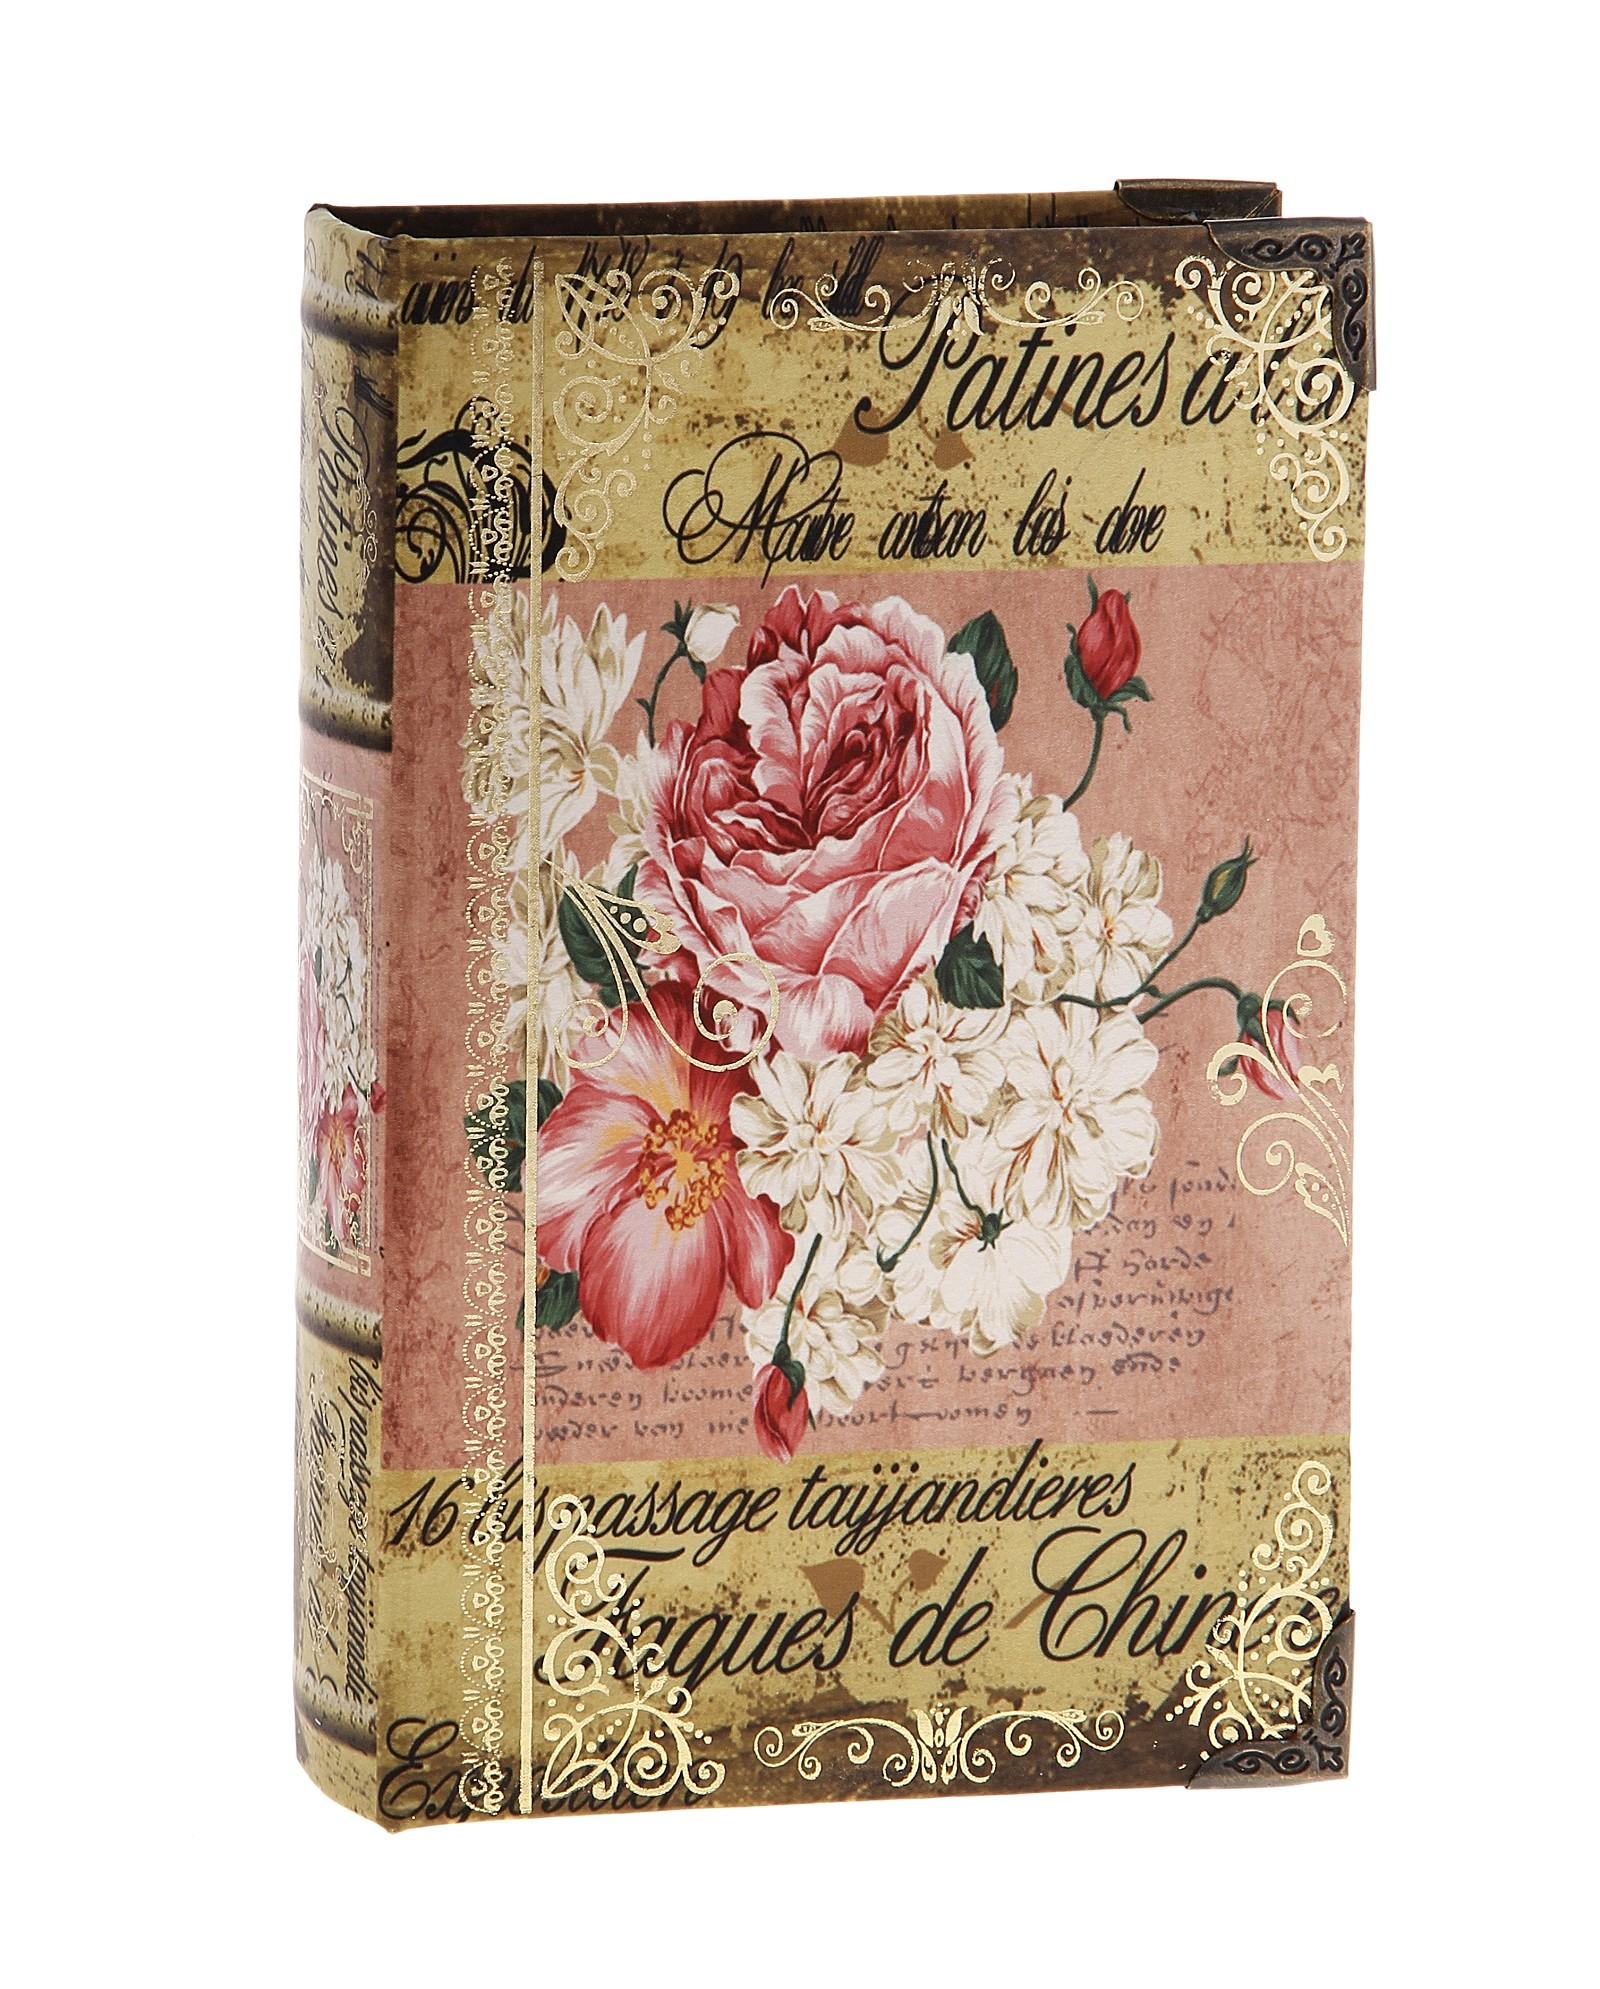 Шкатулка-книга Поэма о цветах680711Оригинальное оформление шкатулки, несомненно, привлечет внимание. Шкатулка выполнена в виде книги, поверхность которой изготовлена из шёлка и оформлена изображением прекрасной цветочной композиции. Такая шкатулка может использоваться для хранения бижутерии, в качестве украшения интерьера, а также послужит хорошим подарком для человека, ценящего практичные и оригинальные вещицы. Характеристики: Материал: дерево, шёлк, металл. Размер шкатулки (в закрытом виде): 24 см х 16 см х 5 см. Размер упаковки: 24,5 см х 16 см х 5 см. Артикул: 680711.